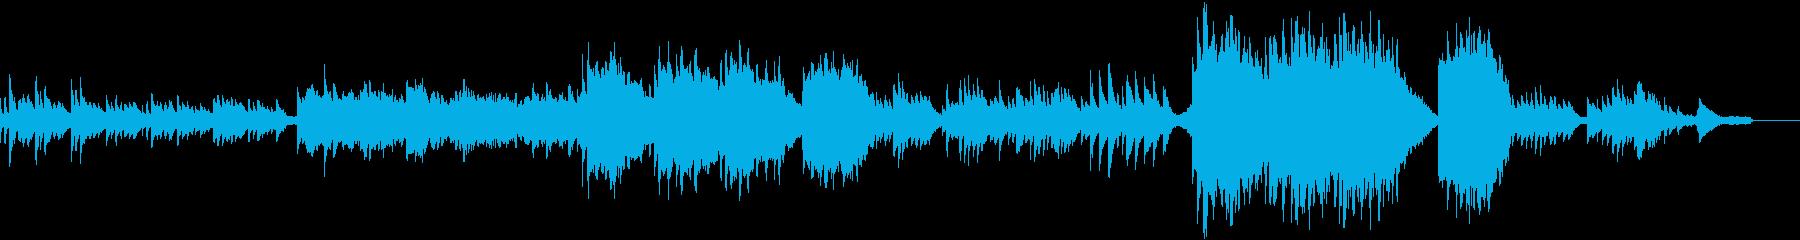 ピアノと弦楽器の切ない劇伴風BGMの再生済みの波形